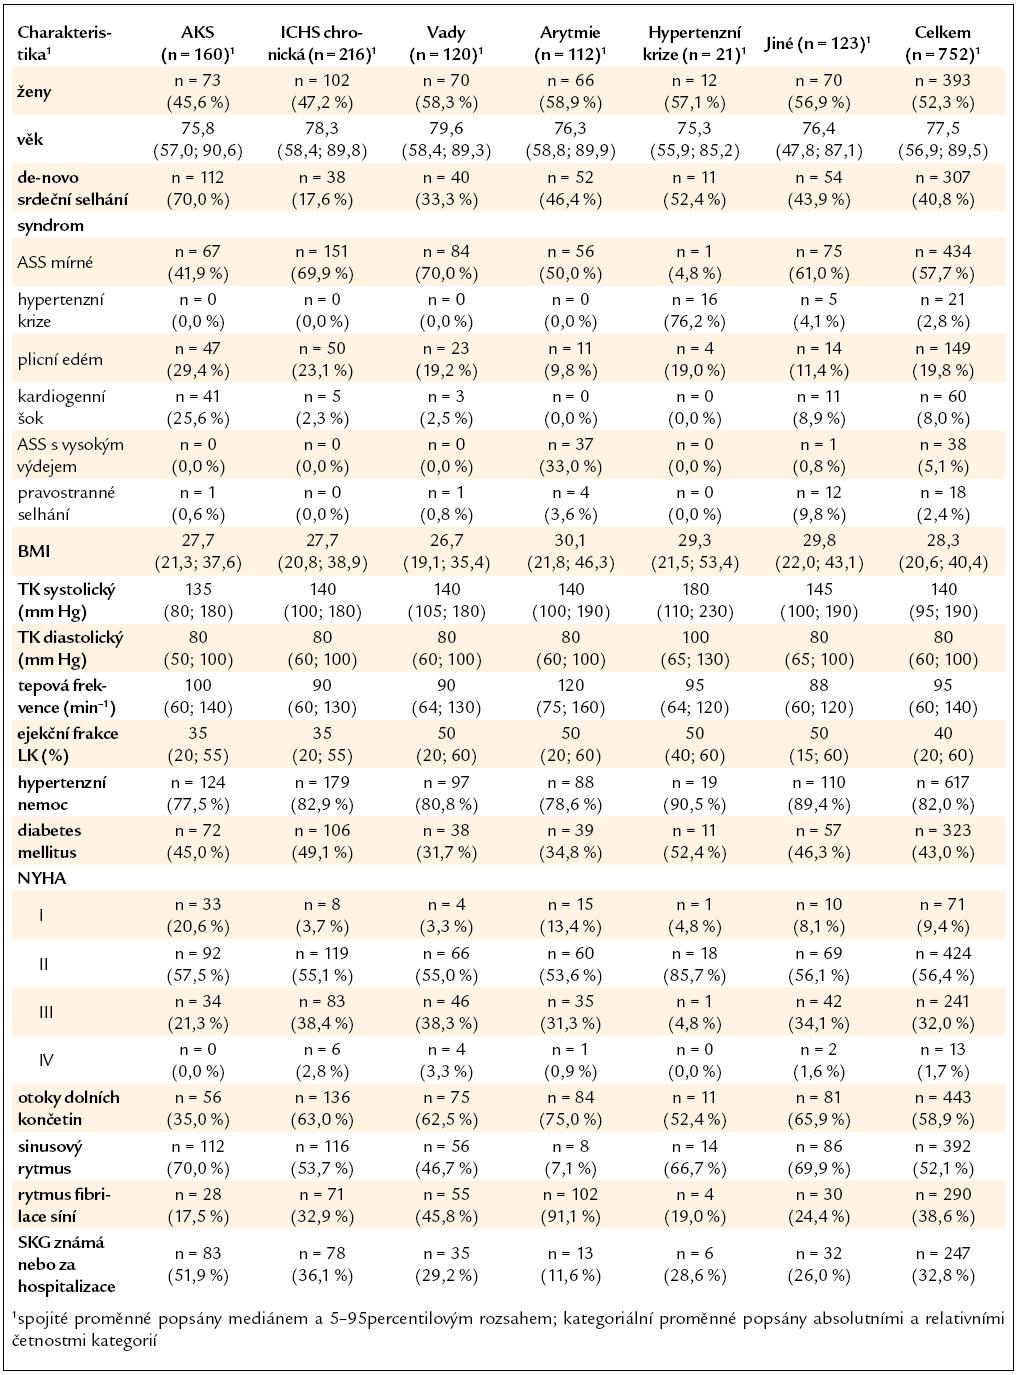 Základní charakteristika pacientů dle etiologie srdečního selhání.